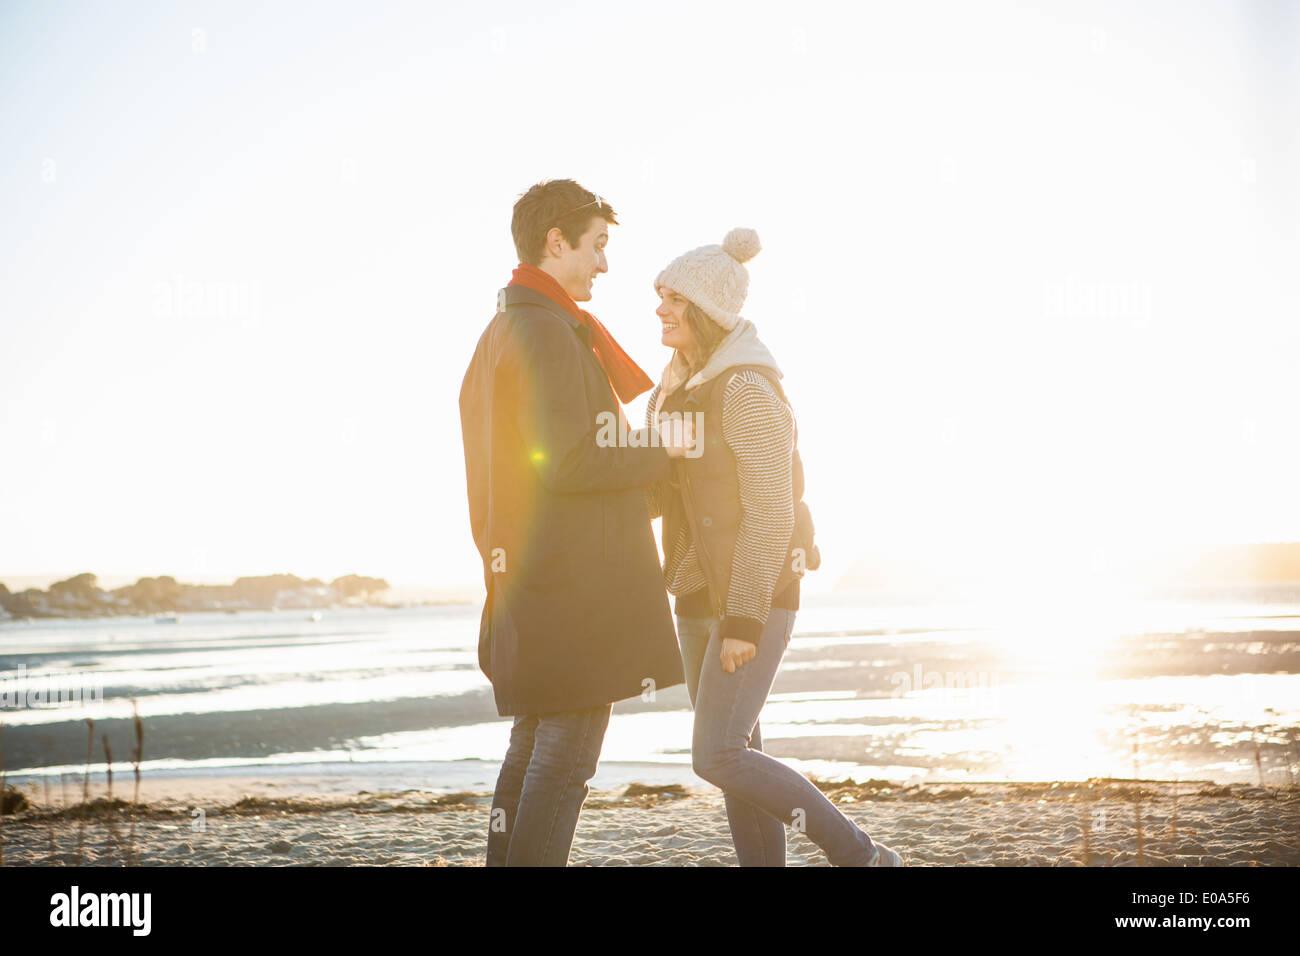 Coppia romantica faccia a faccia sulla spiaggia Immagini Stock